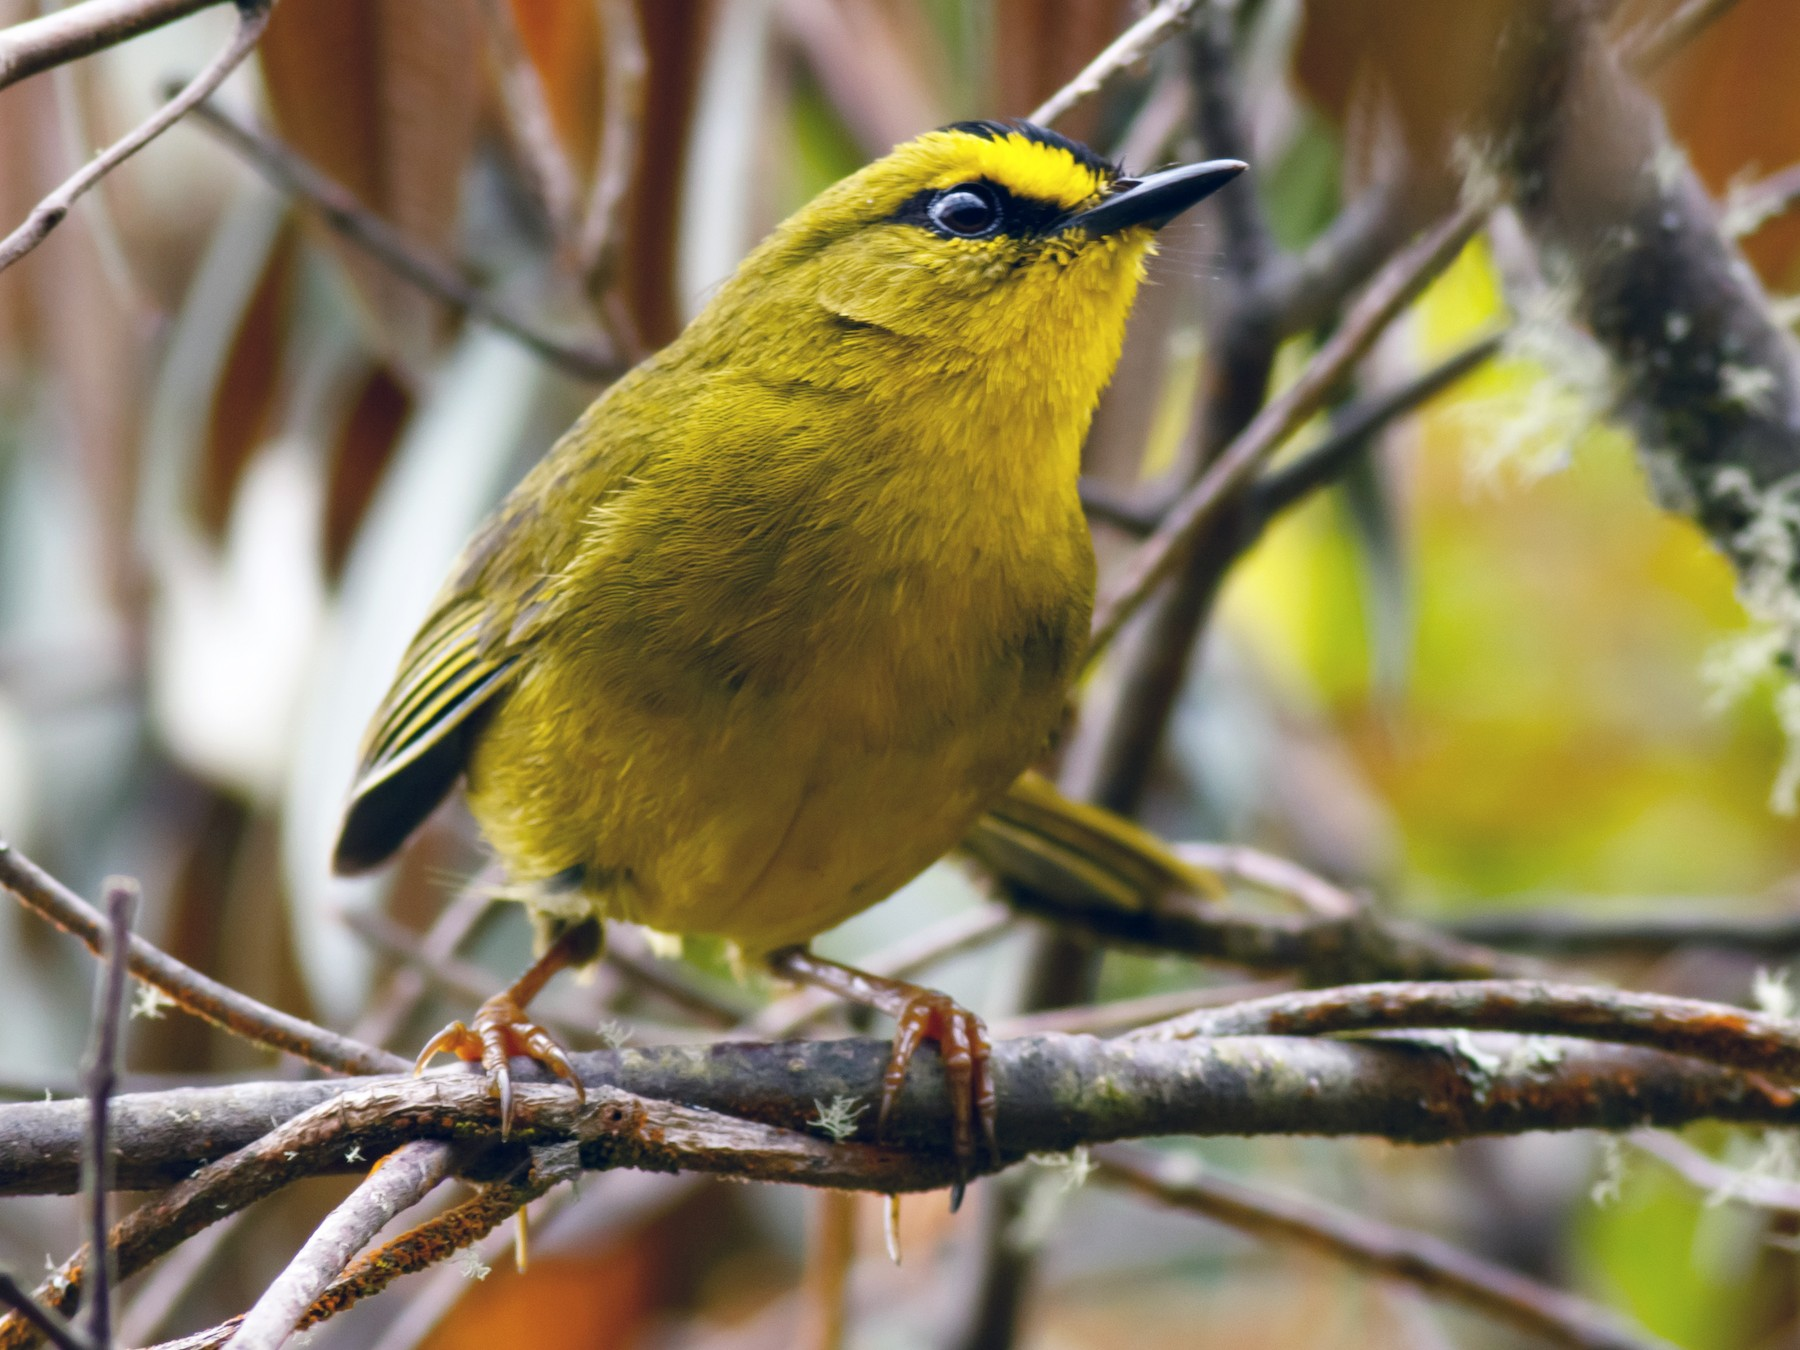 Black-crested Warbler - Daniel Orozco Montoya